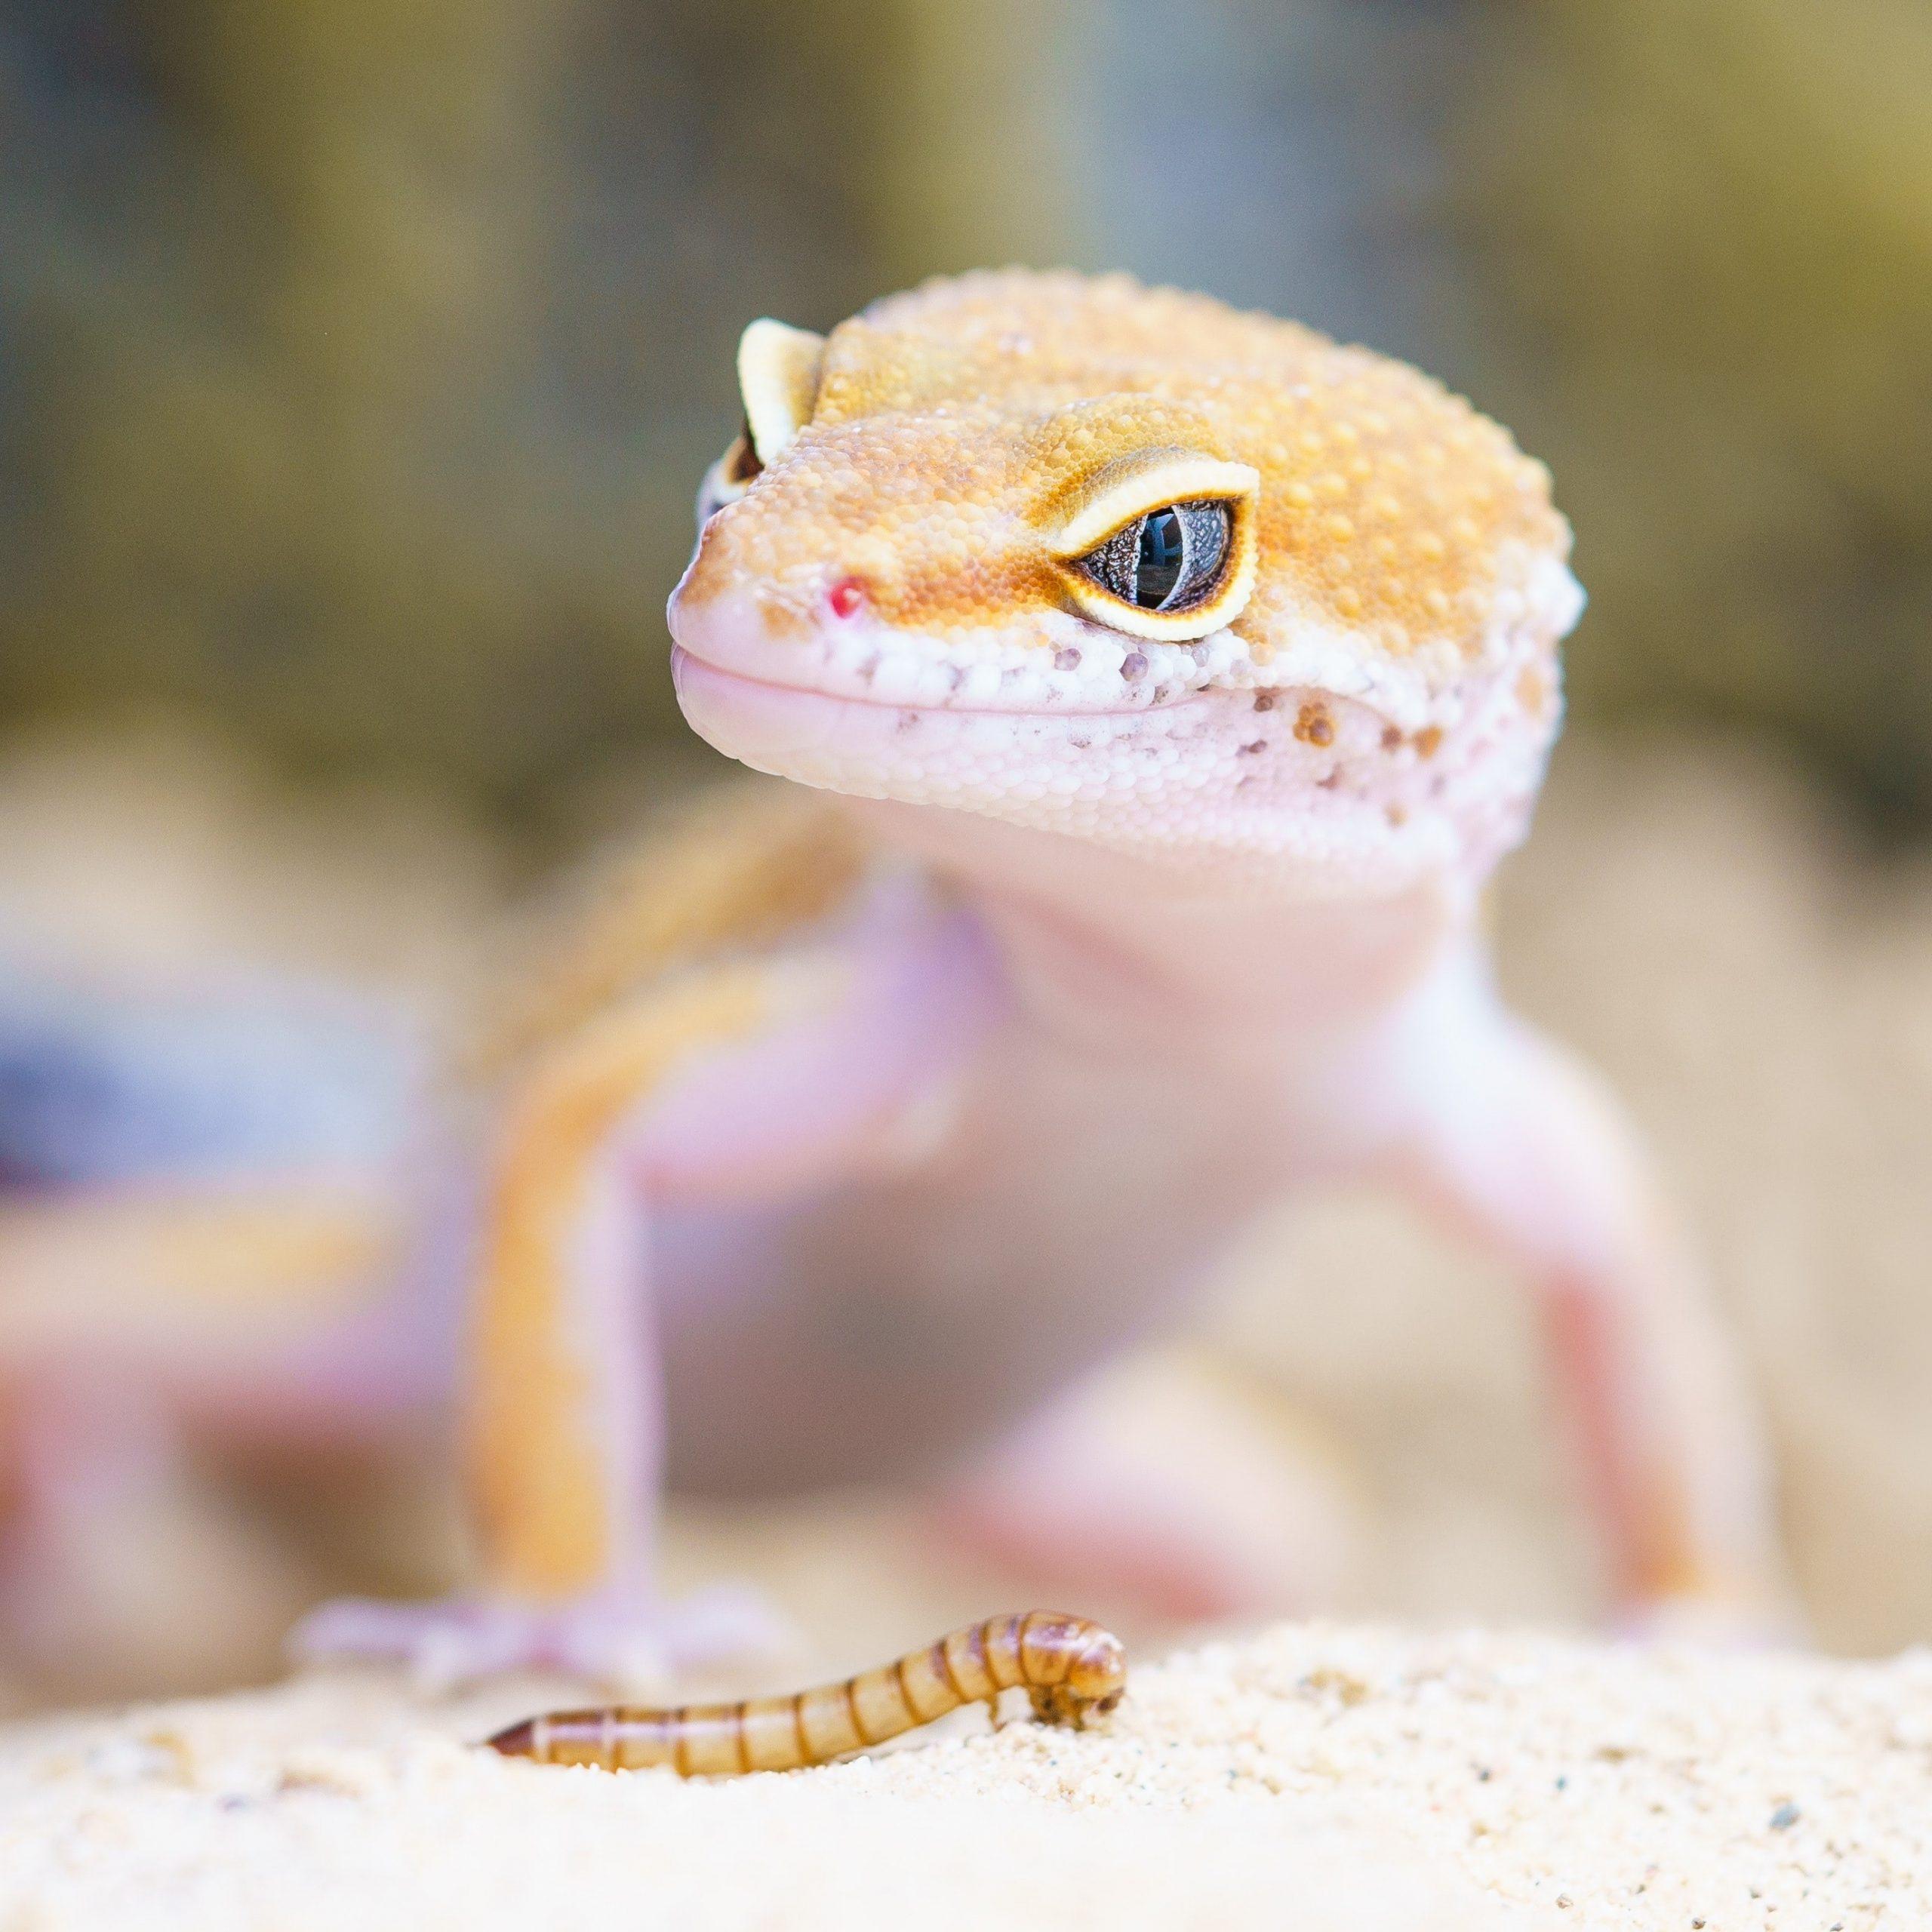 animal-biology-blur-close-up-407037